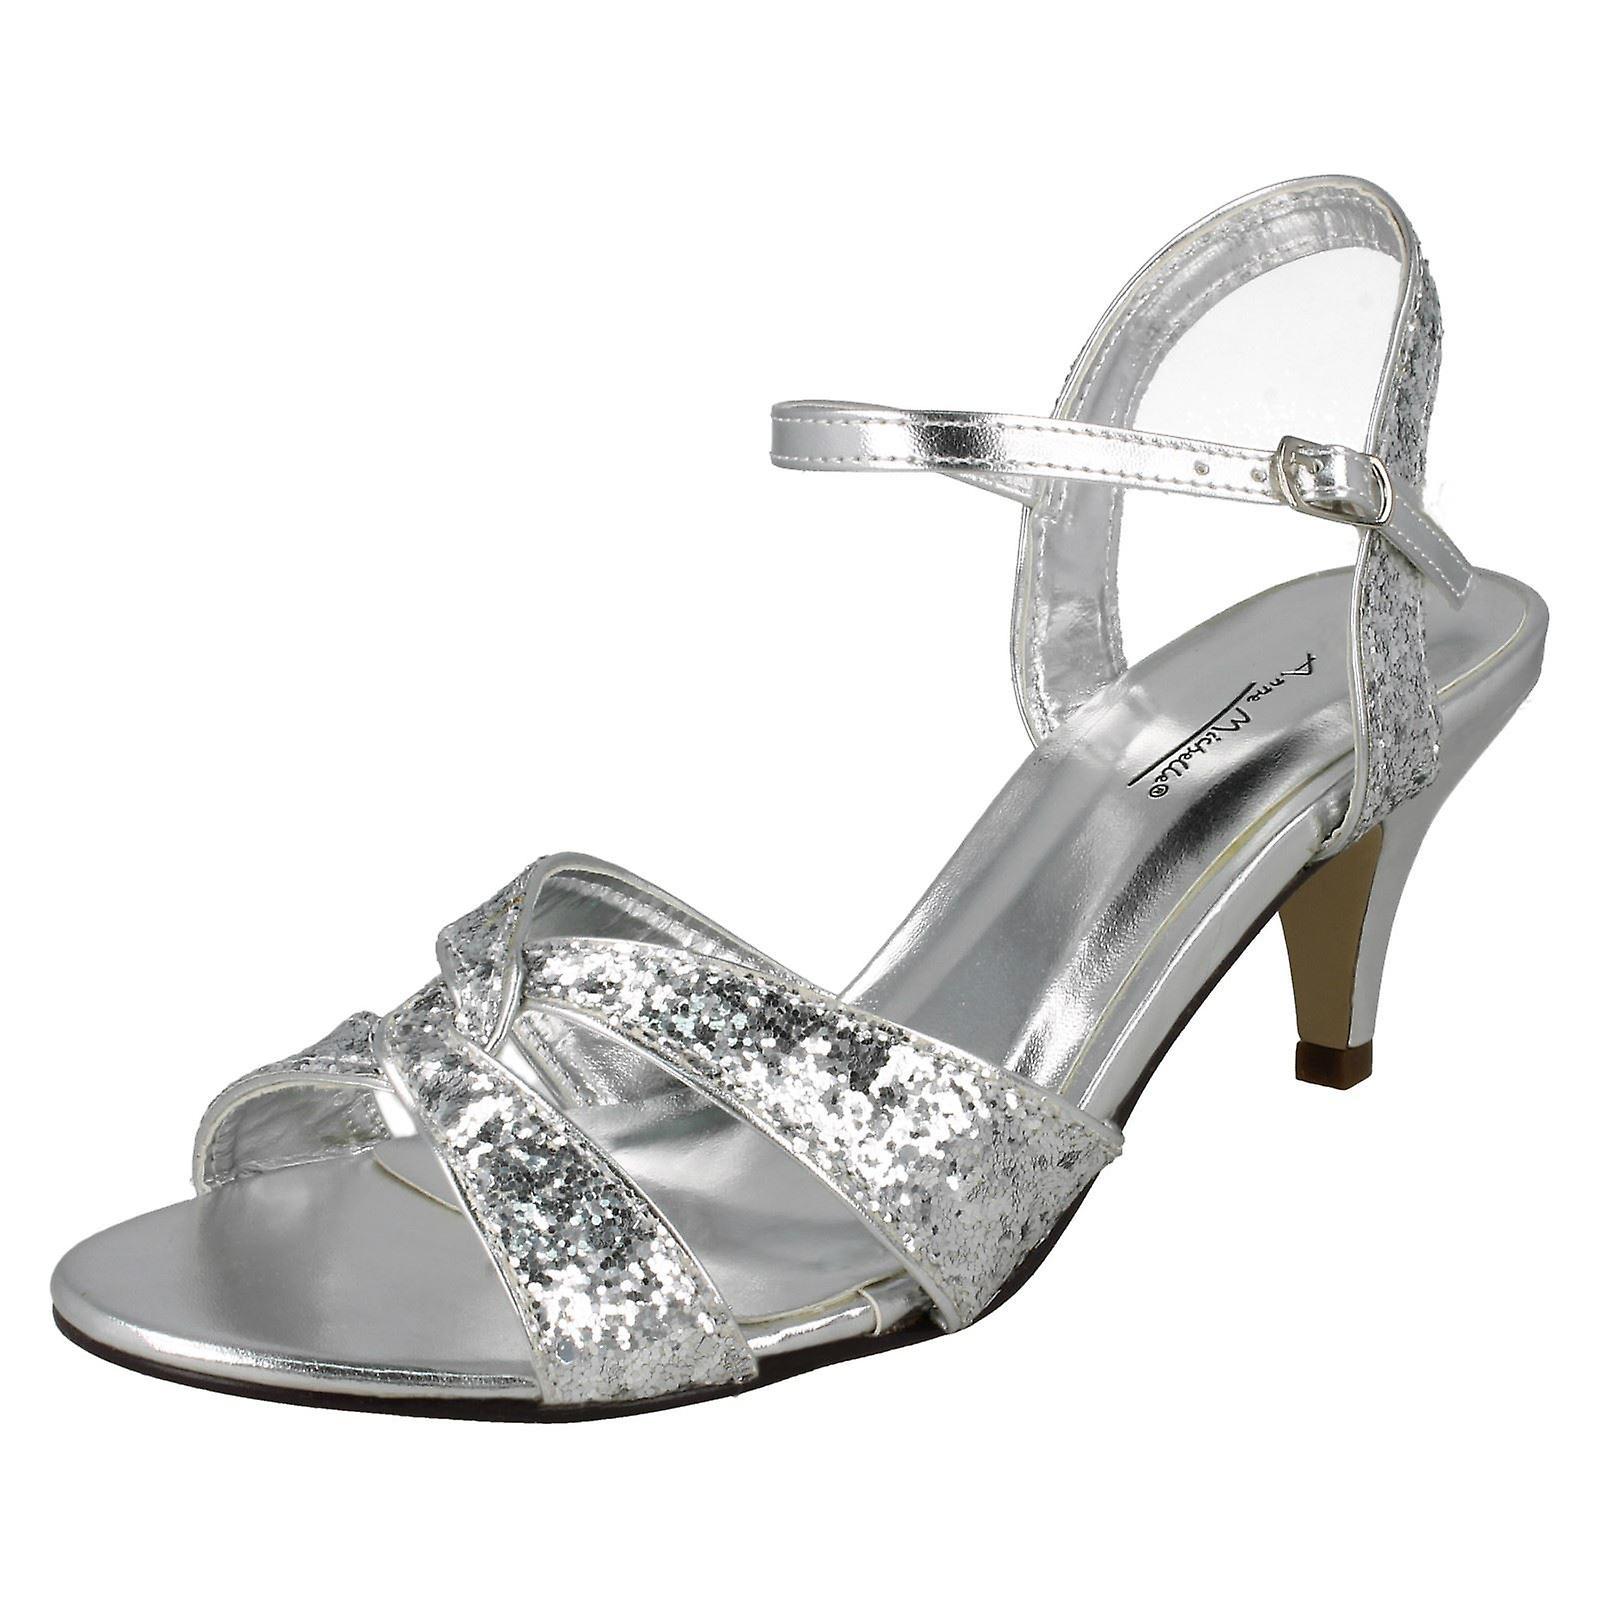 Panie Anne Michelle górny pasek połowy sandałów Xv4V8